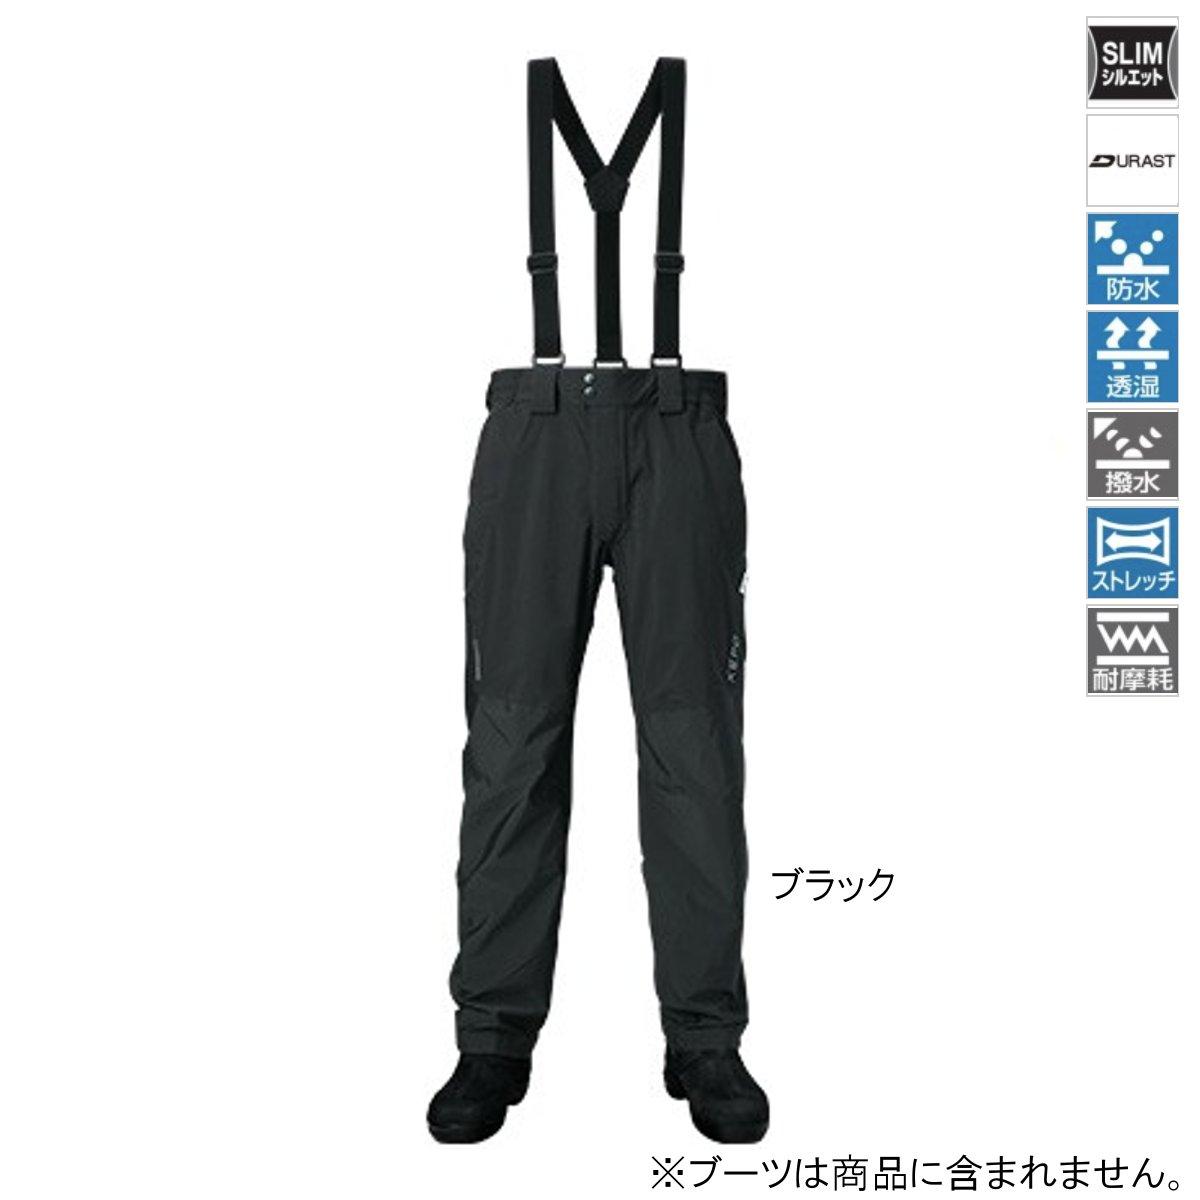 シマノ XEFO・DURASTレインパンツ RA-22PS 2XL ブラック(東日本店)